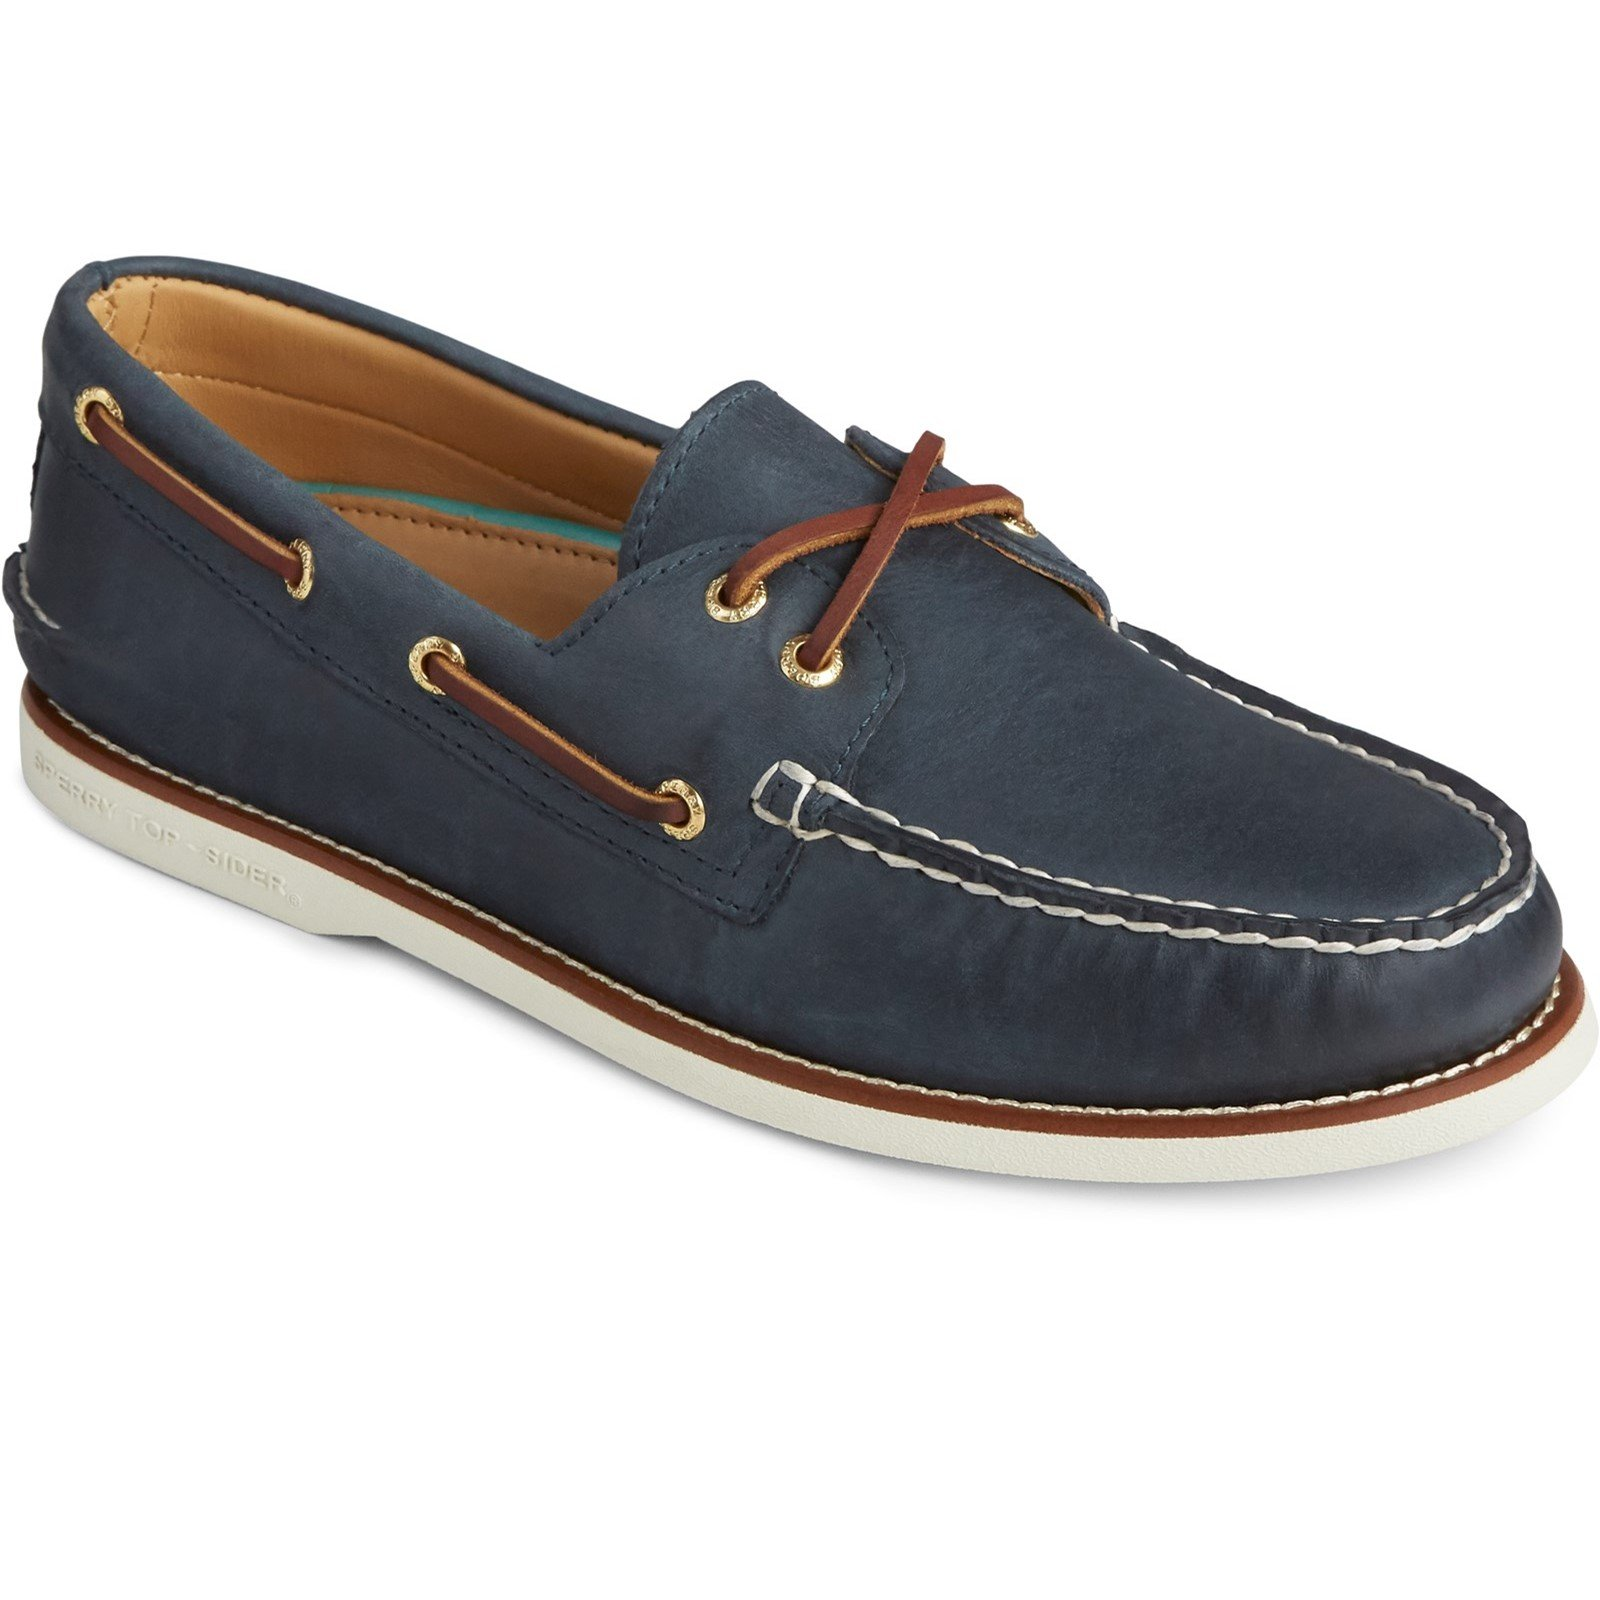 Sperry Men's Cup Authentic Original Boat Shoe Various Colours 31735 - Navy 12